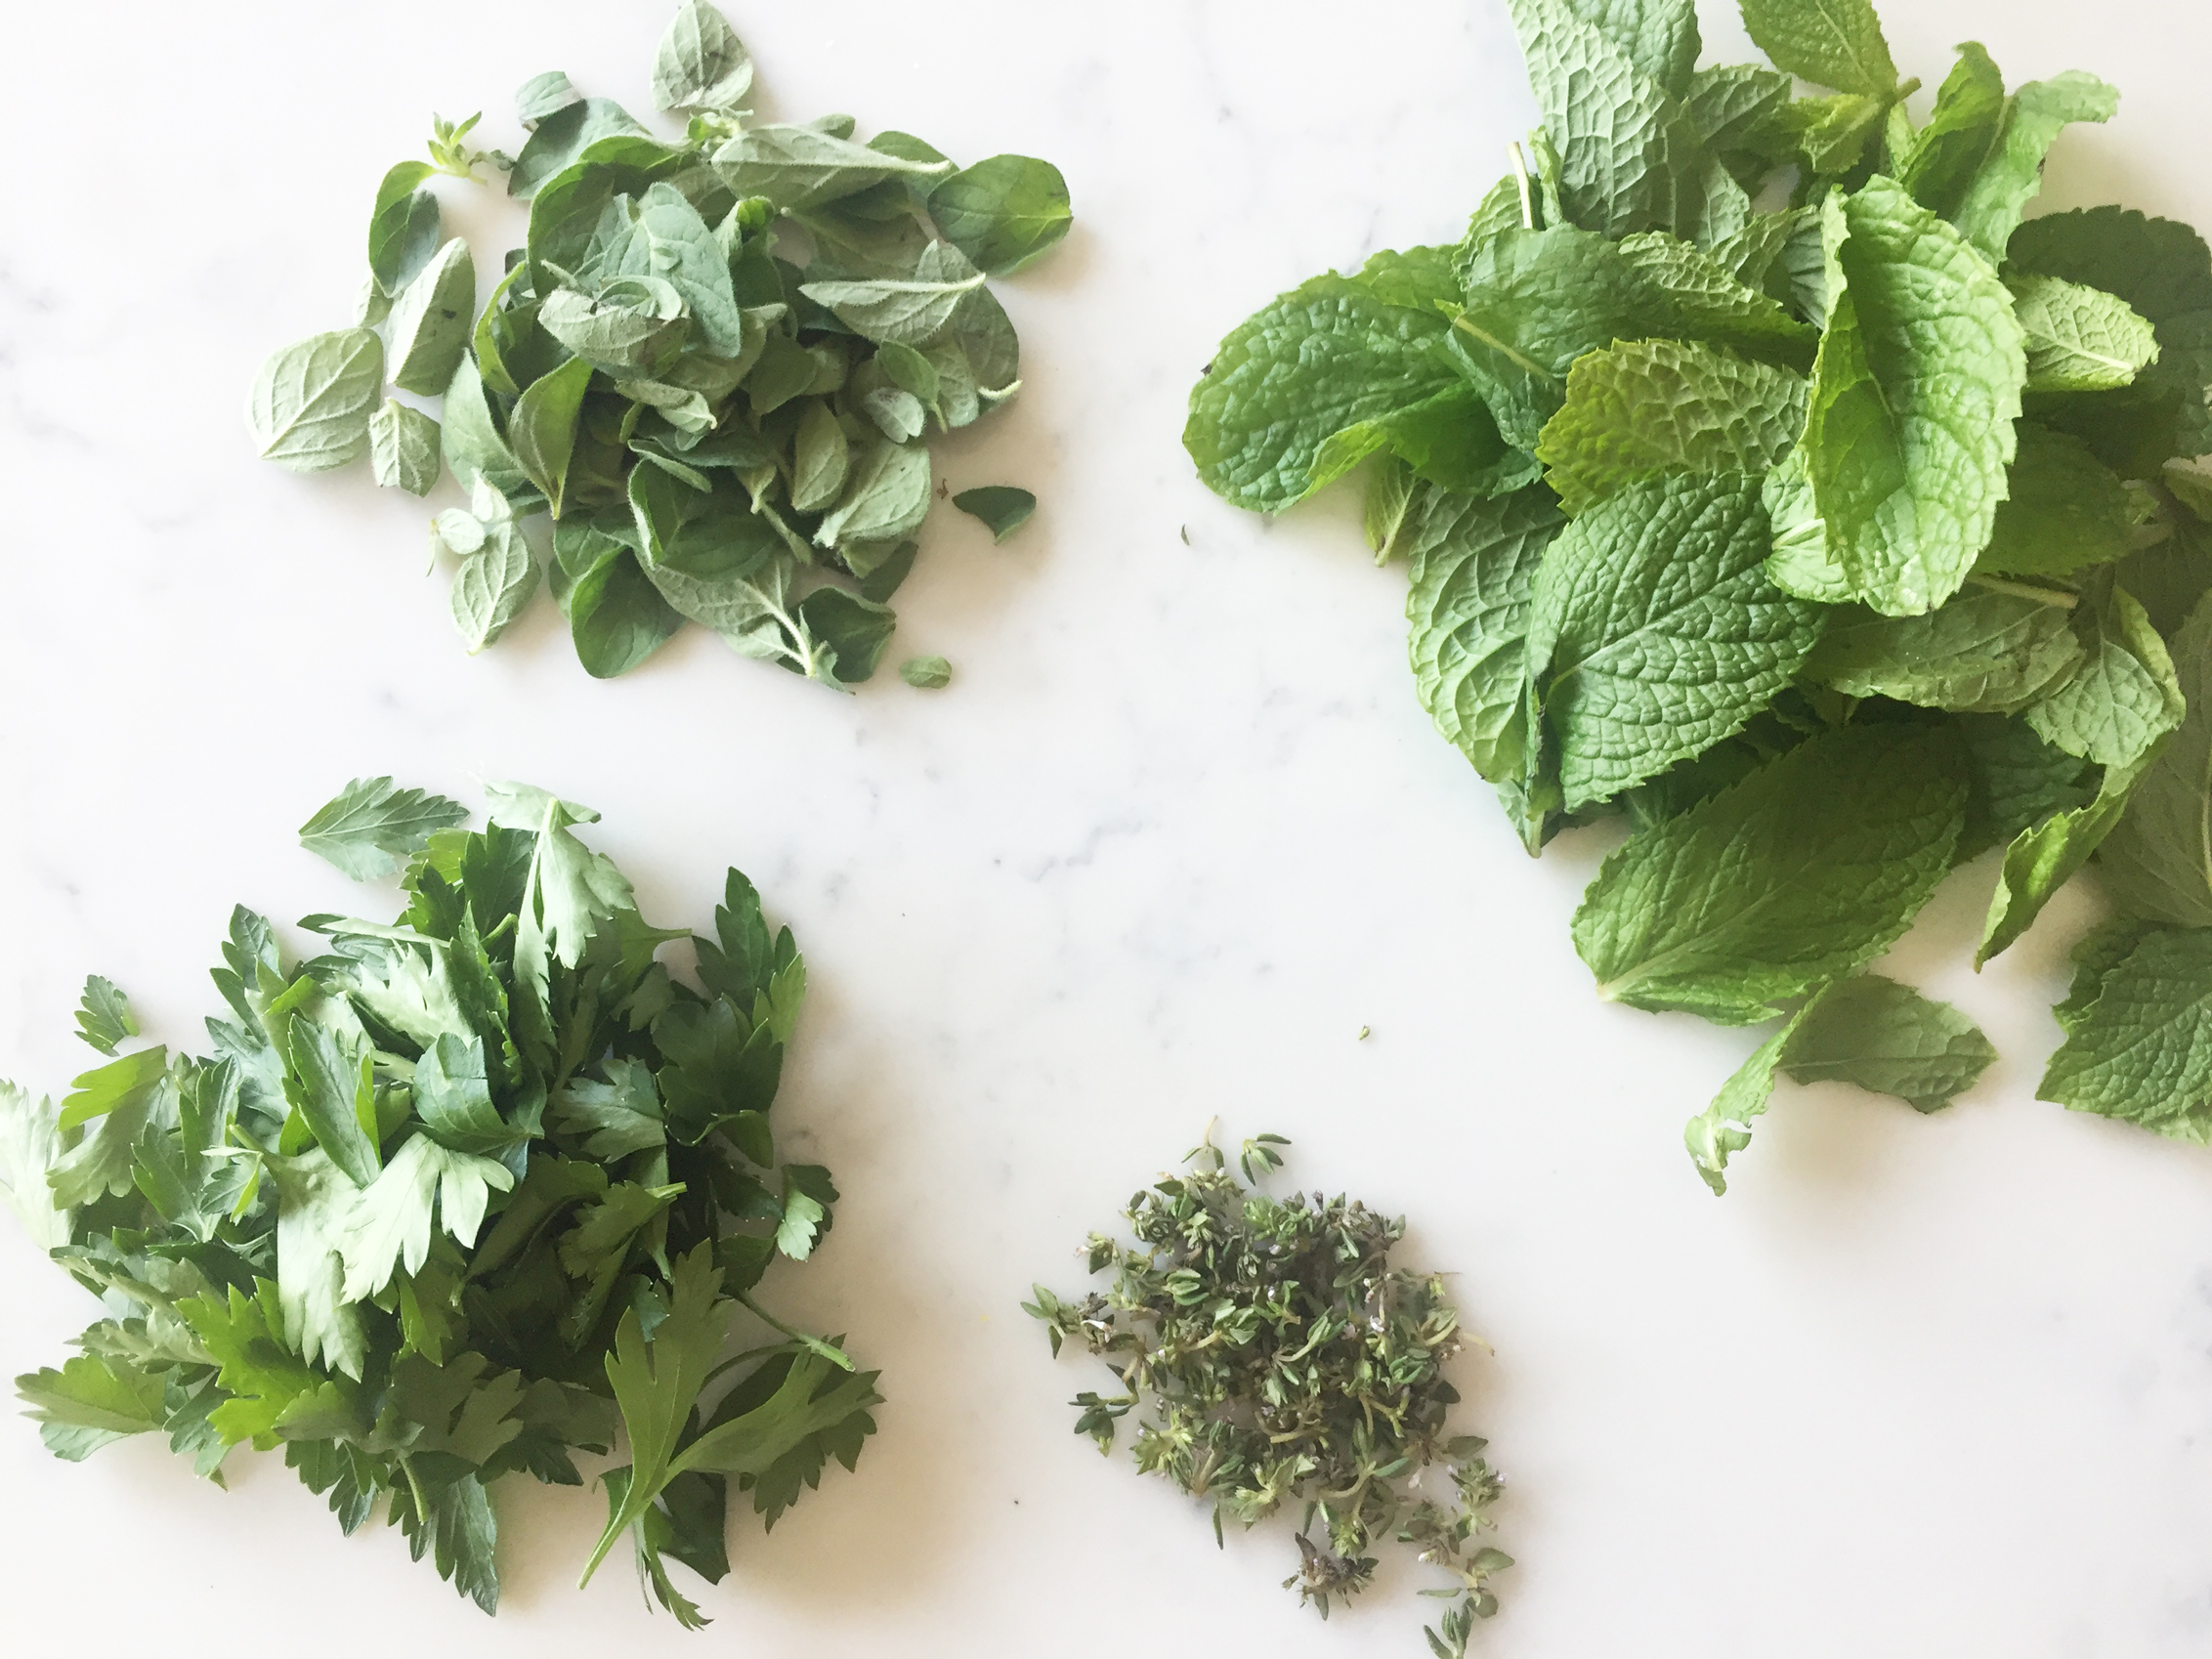 wild-rice-herbs.jpg